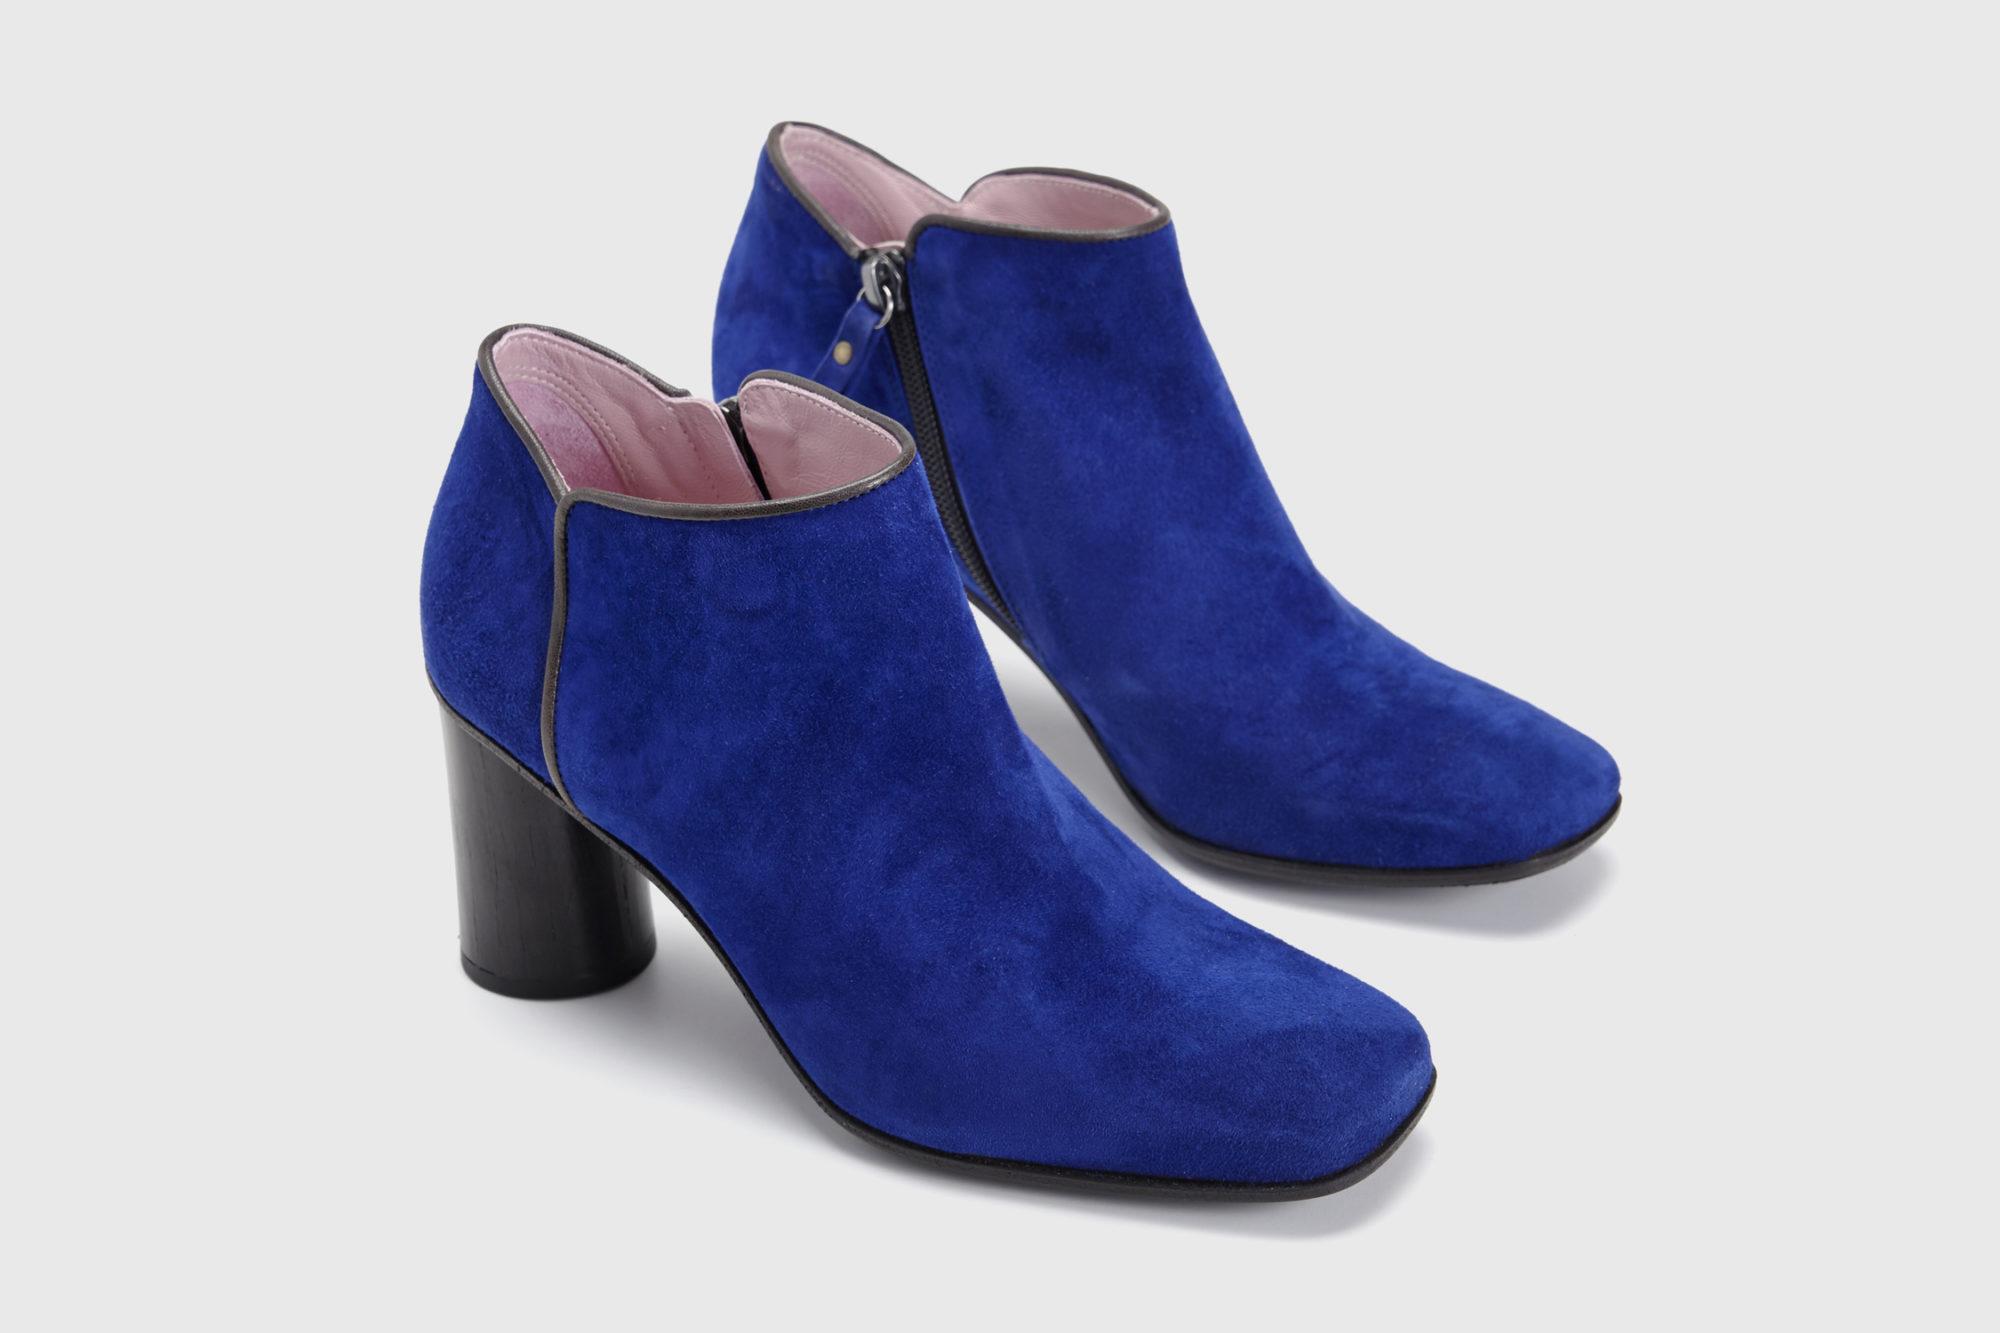 Dorotea zapato abotinado Zoe azul klein ss17 par